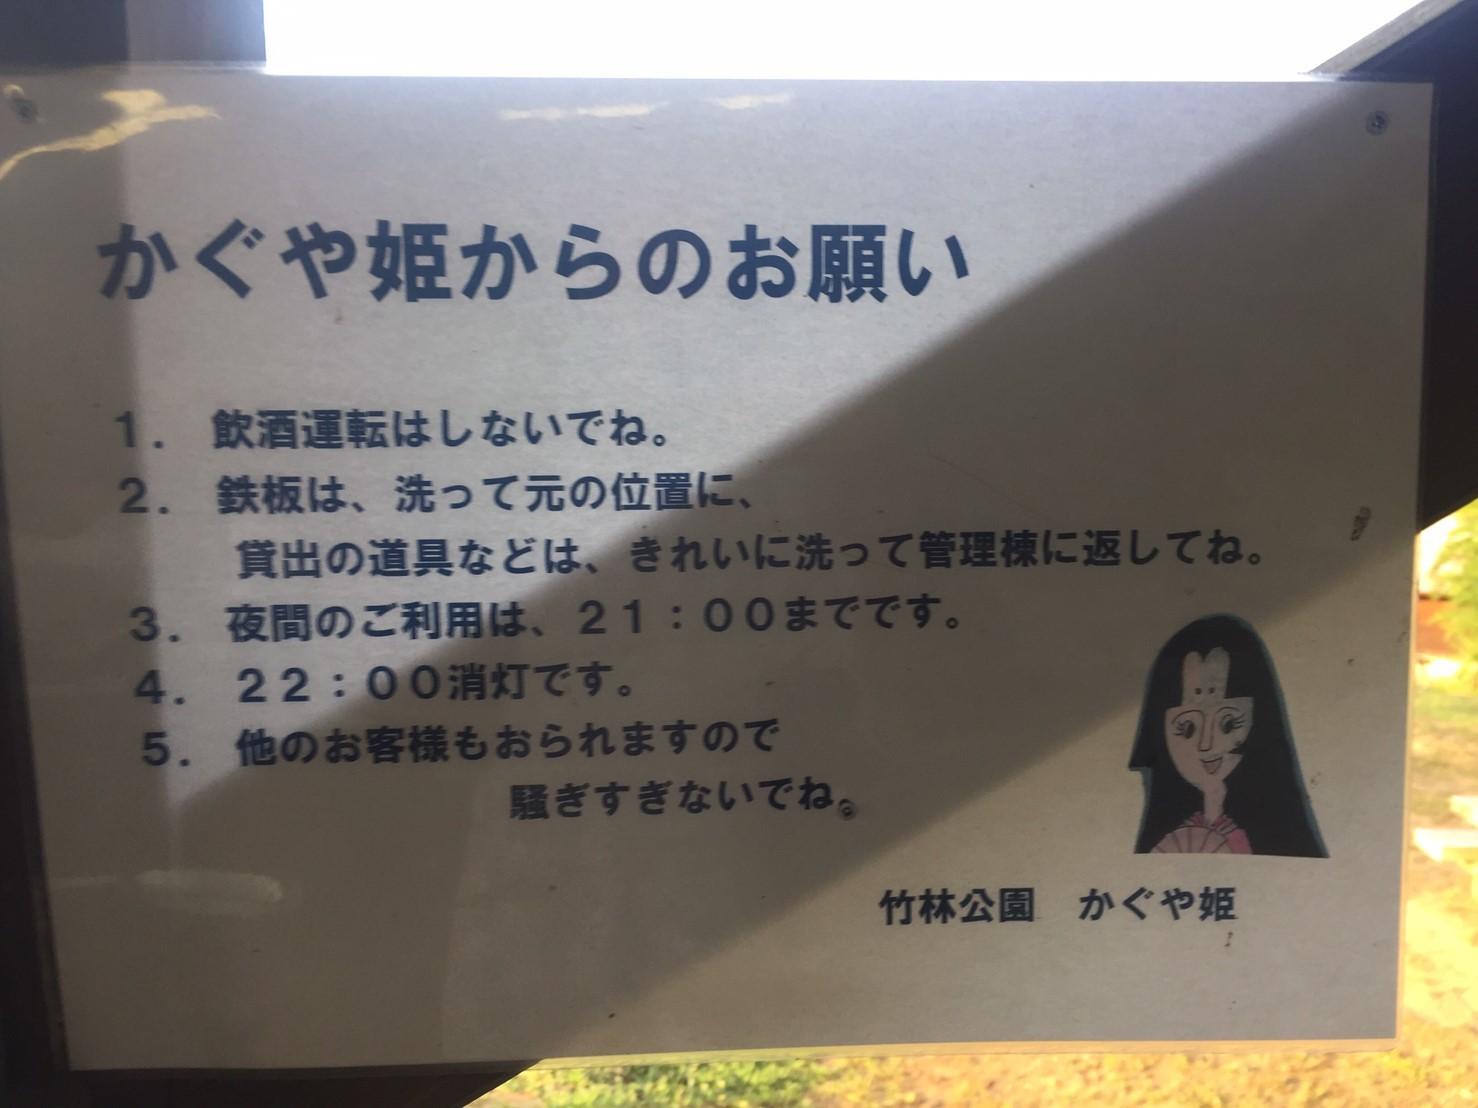 BBQキャンプ@船岡竹林公園_e0115904_03561983.jpg